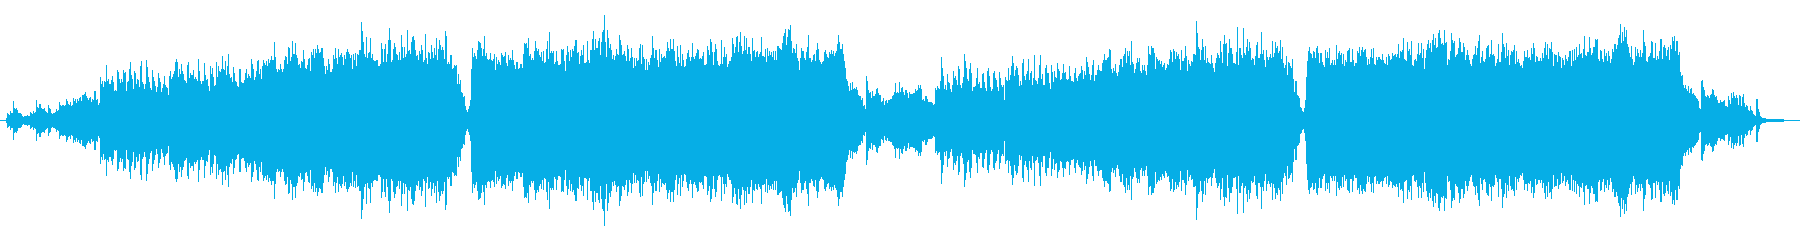 琴&オーケストラ落ち着いた和風曲の再生済みの波形